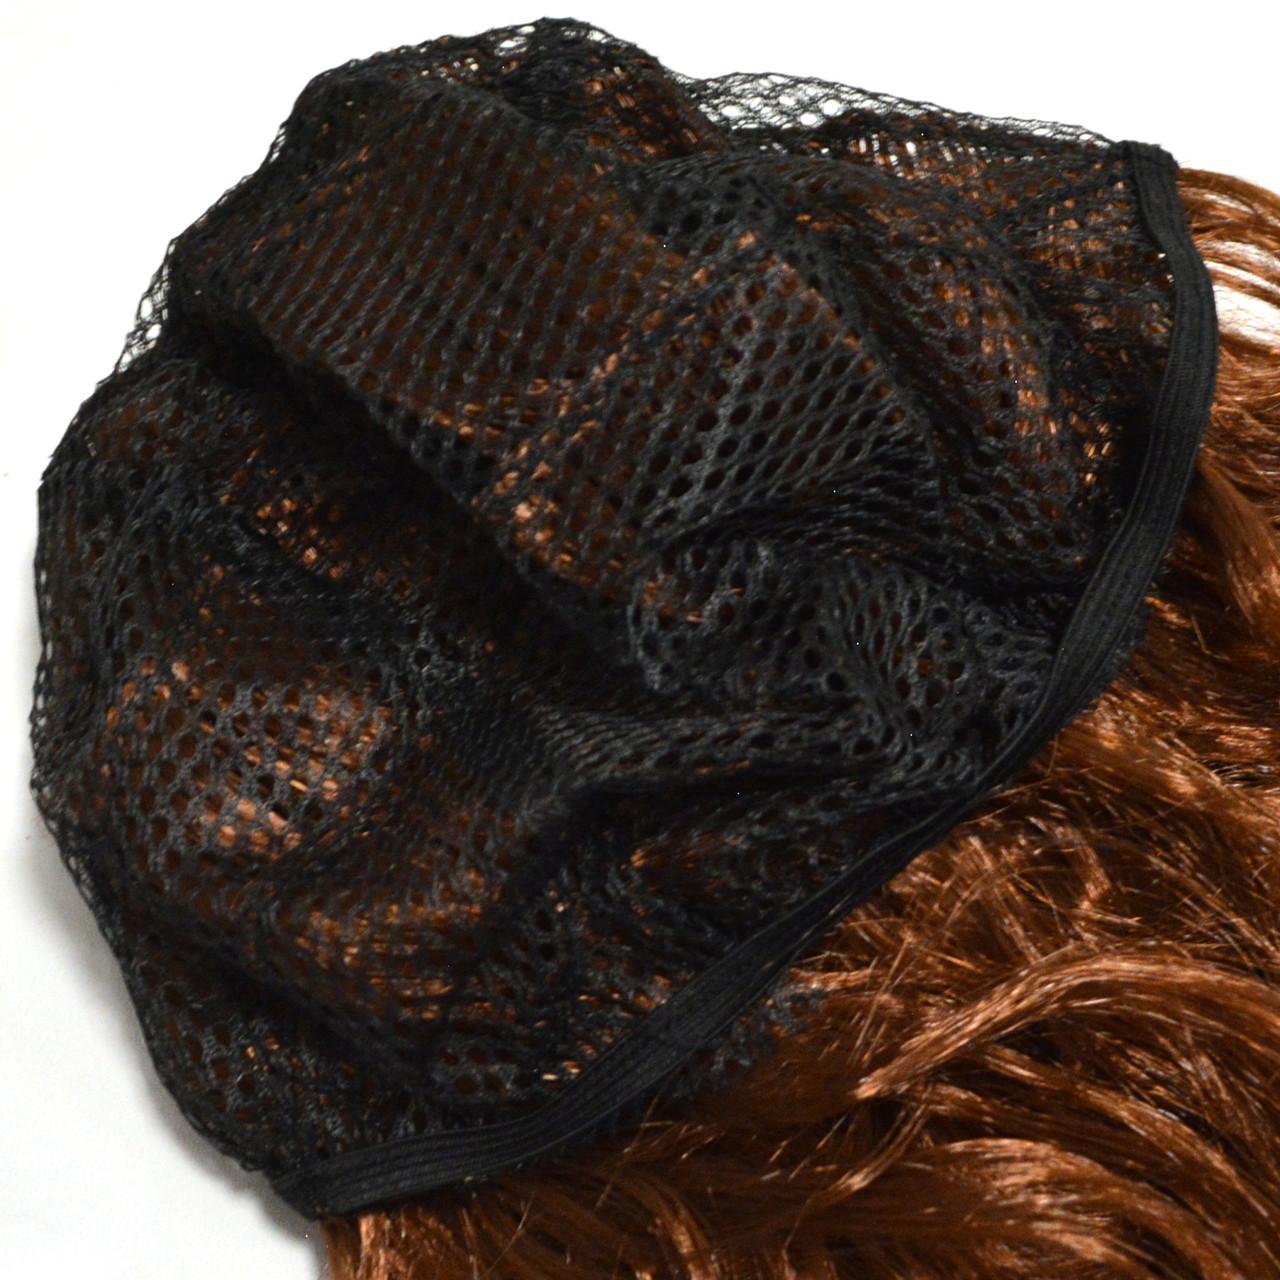 Парик искусственный с челкой длинный с легкими локонами 60 см коричневый - фото 4